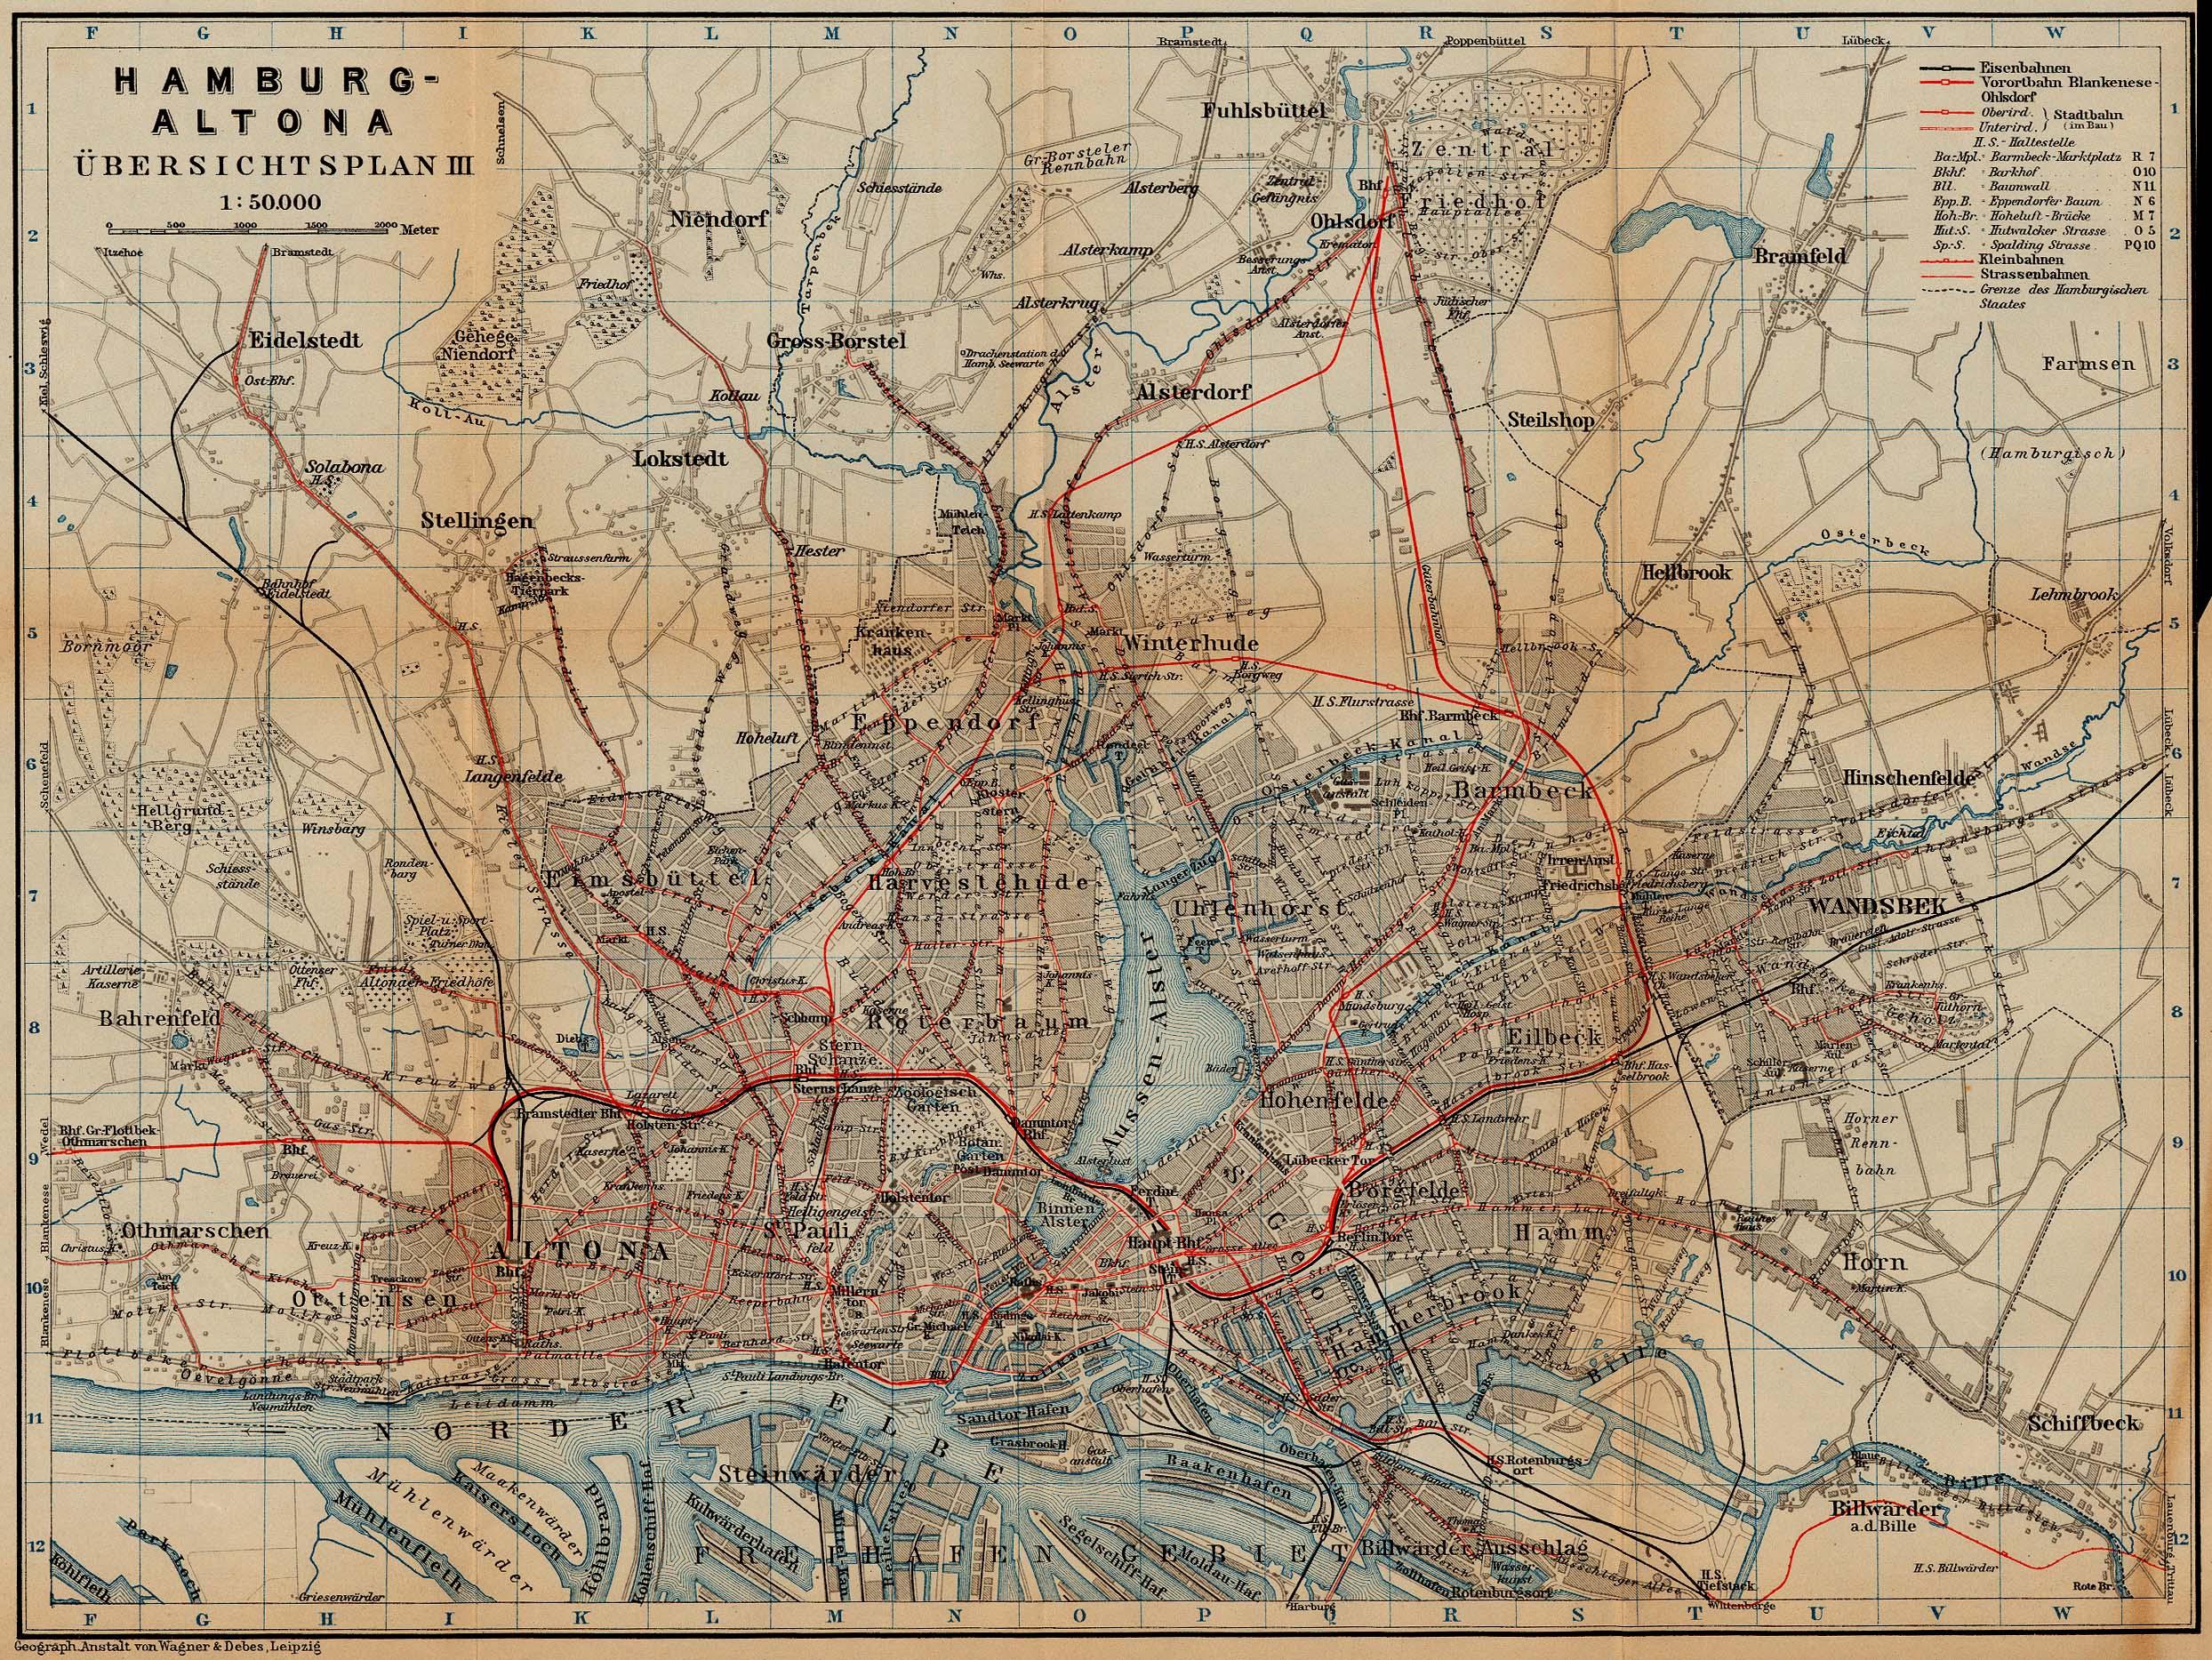 Mapa de Hamburgo (Tranvía y Ferrocarril), Alemania 1910